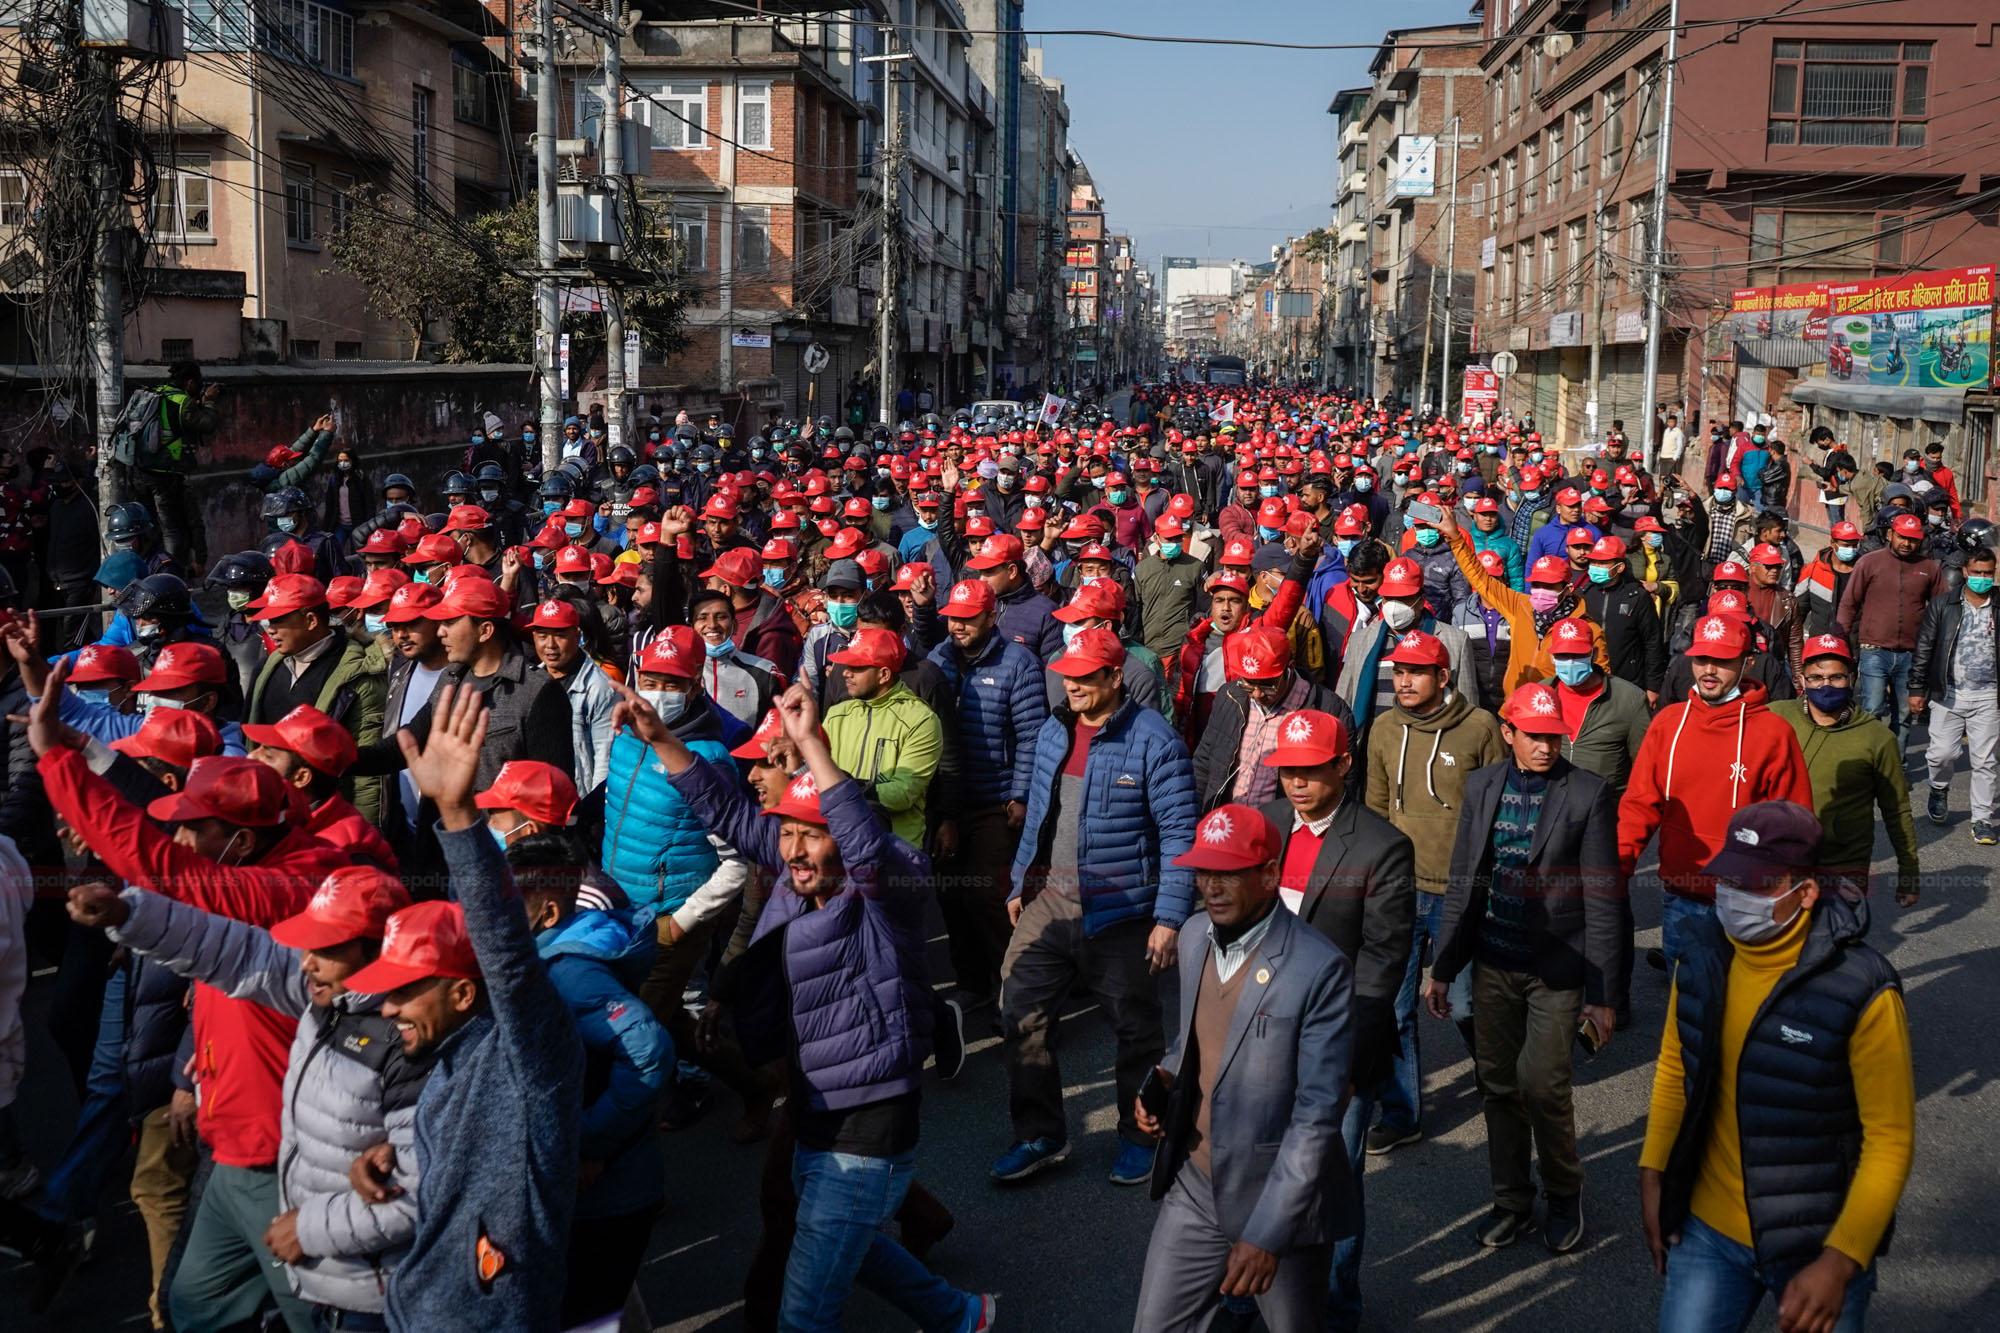 छातीमा केपी ओली टासेर युवा विद्यार्थीको मार्चपास